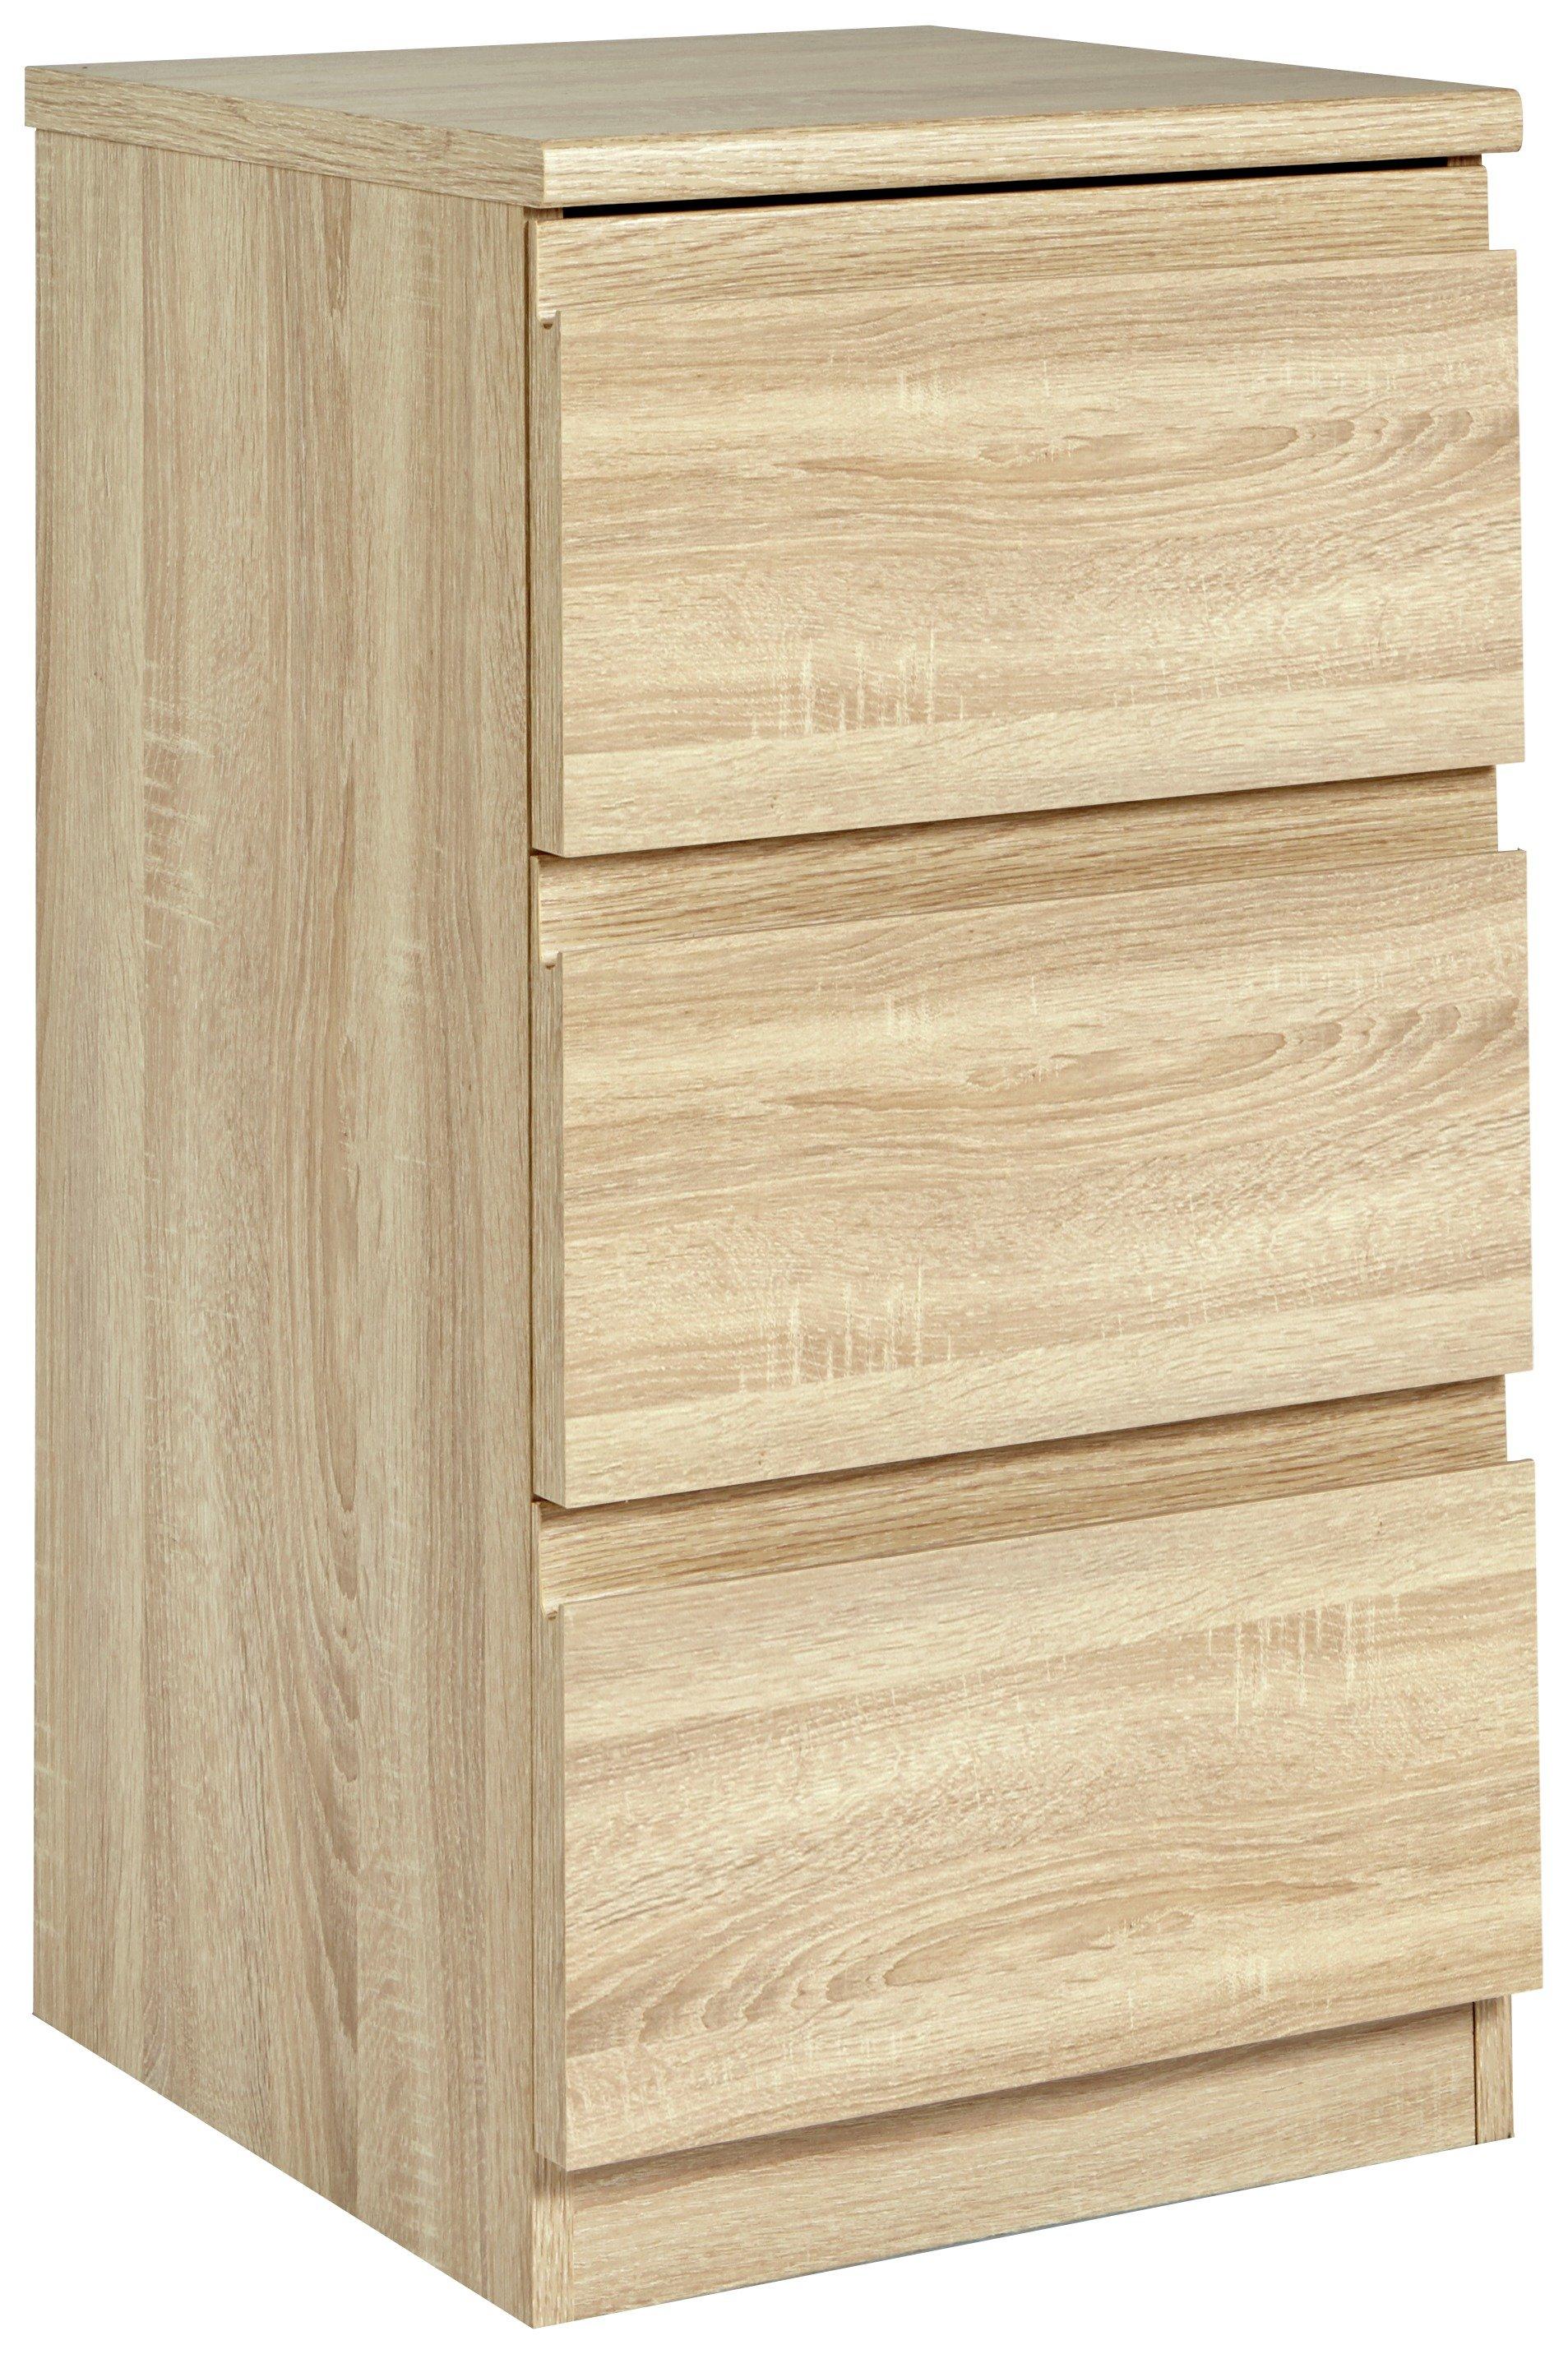 Image of Avenue 3 Drawer Bedside Chest - Natural Oak Effect